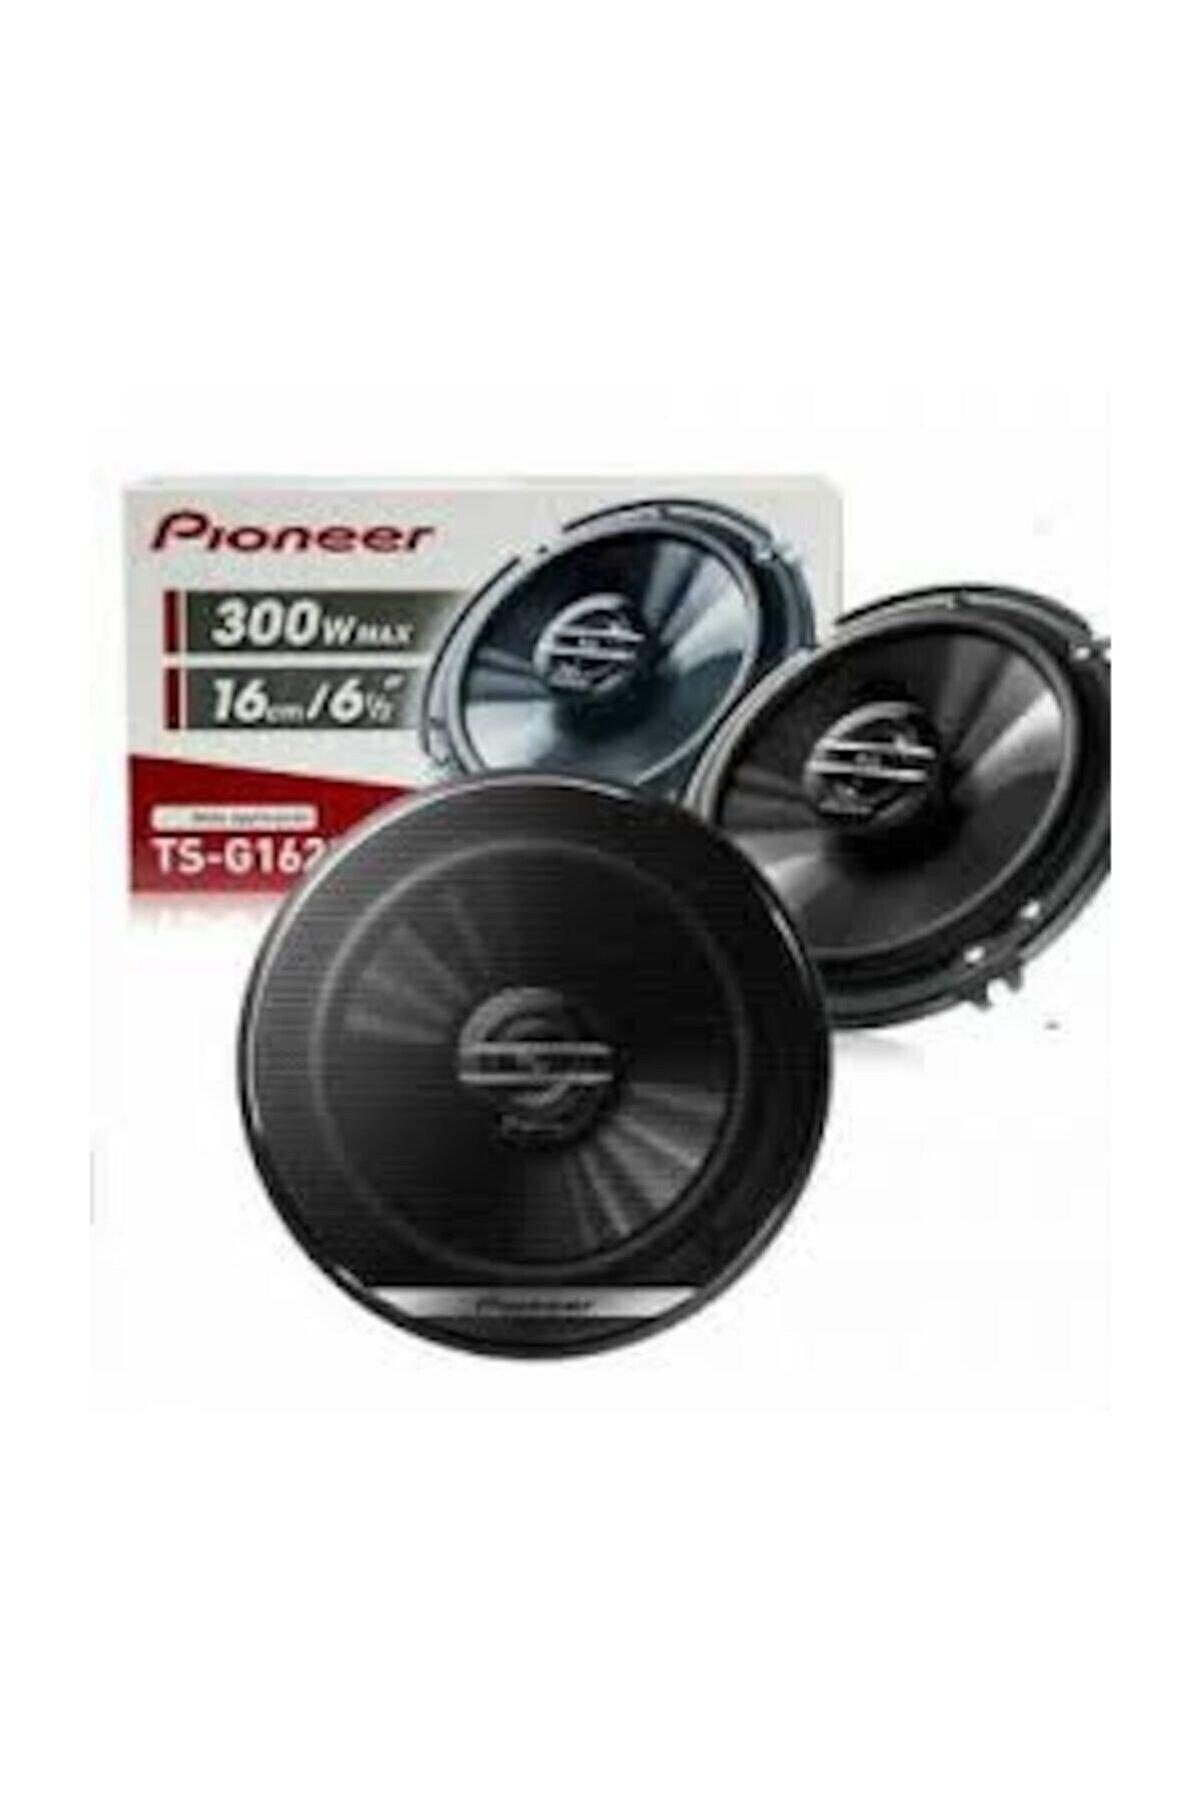 PIONNER Pıoneer Ts-g1620f 300 Waat Tiviterli Orjinal 2 Adet Fiyatıdır